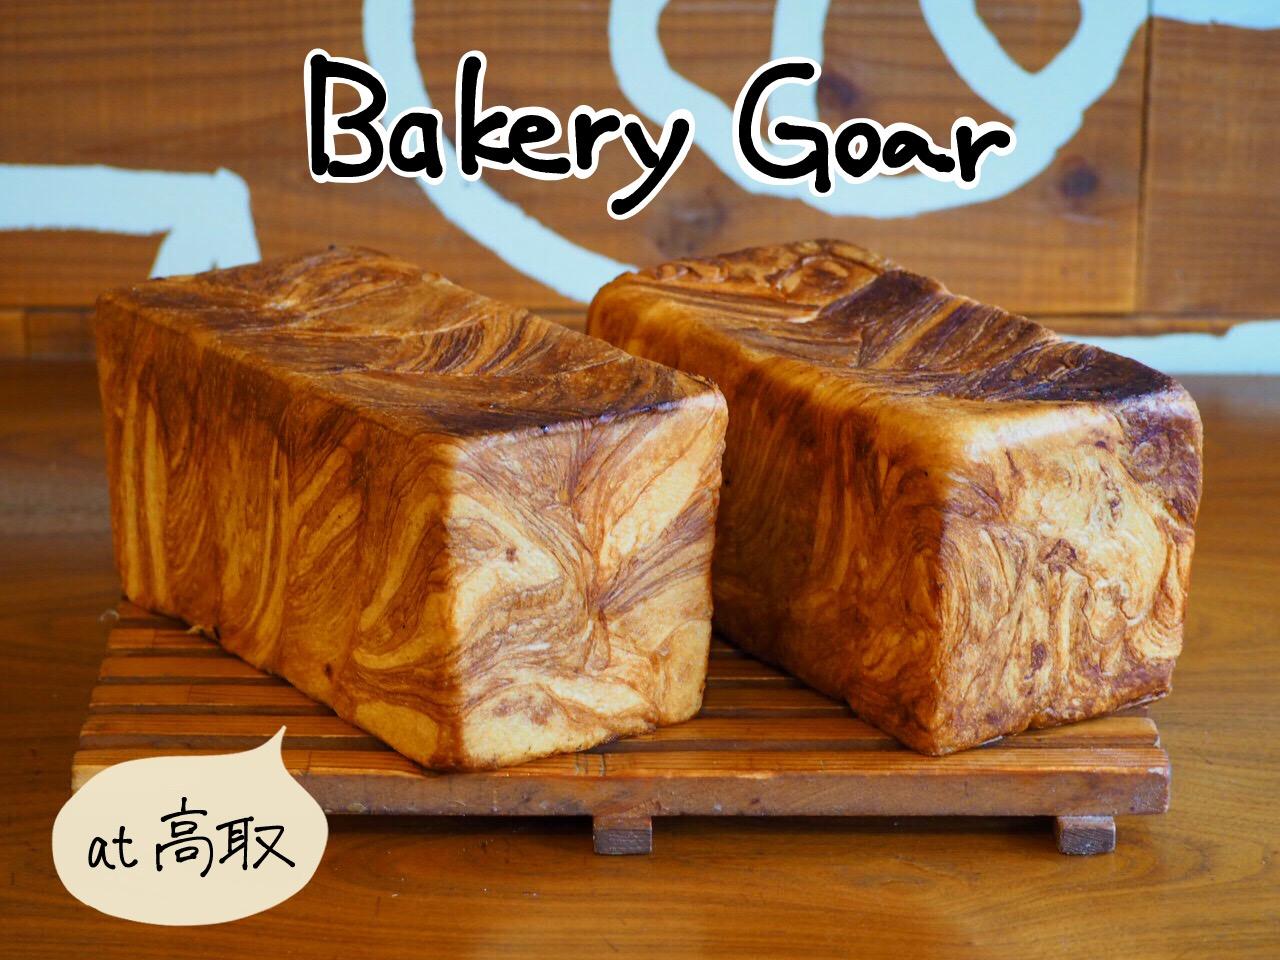 bakery goar